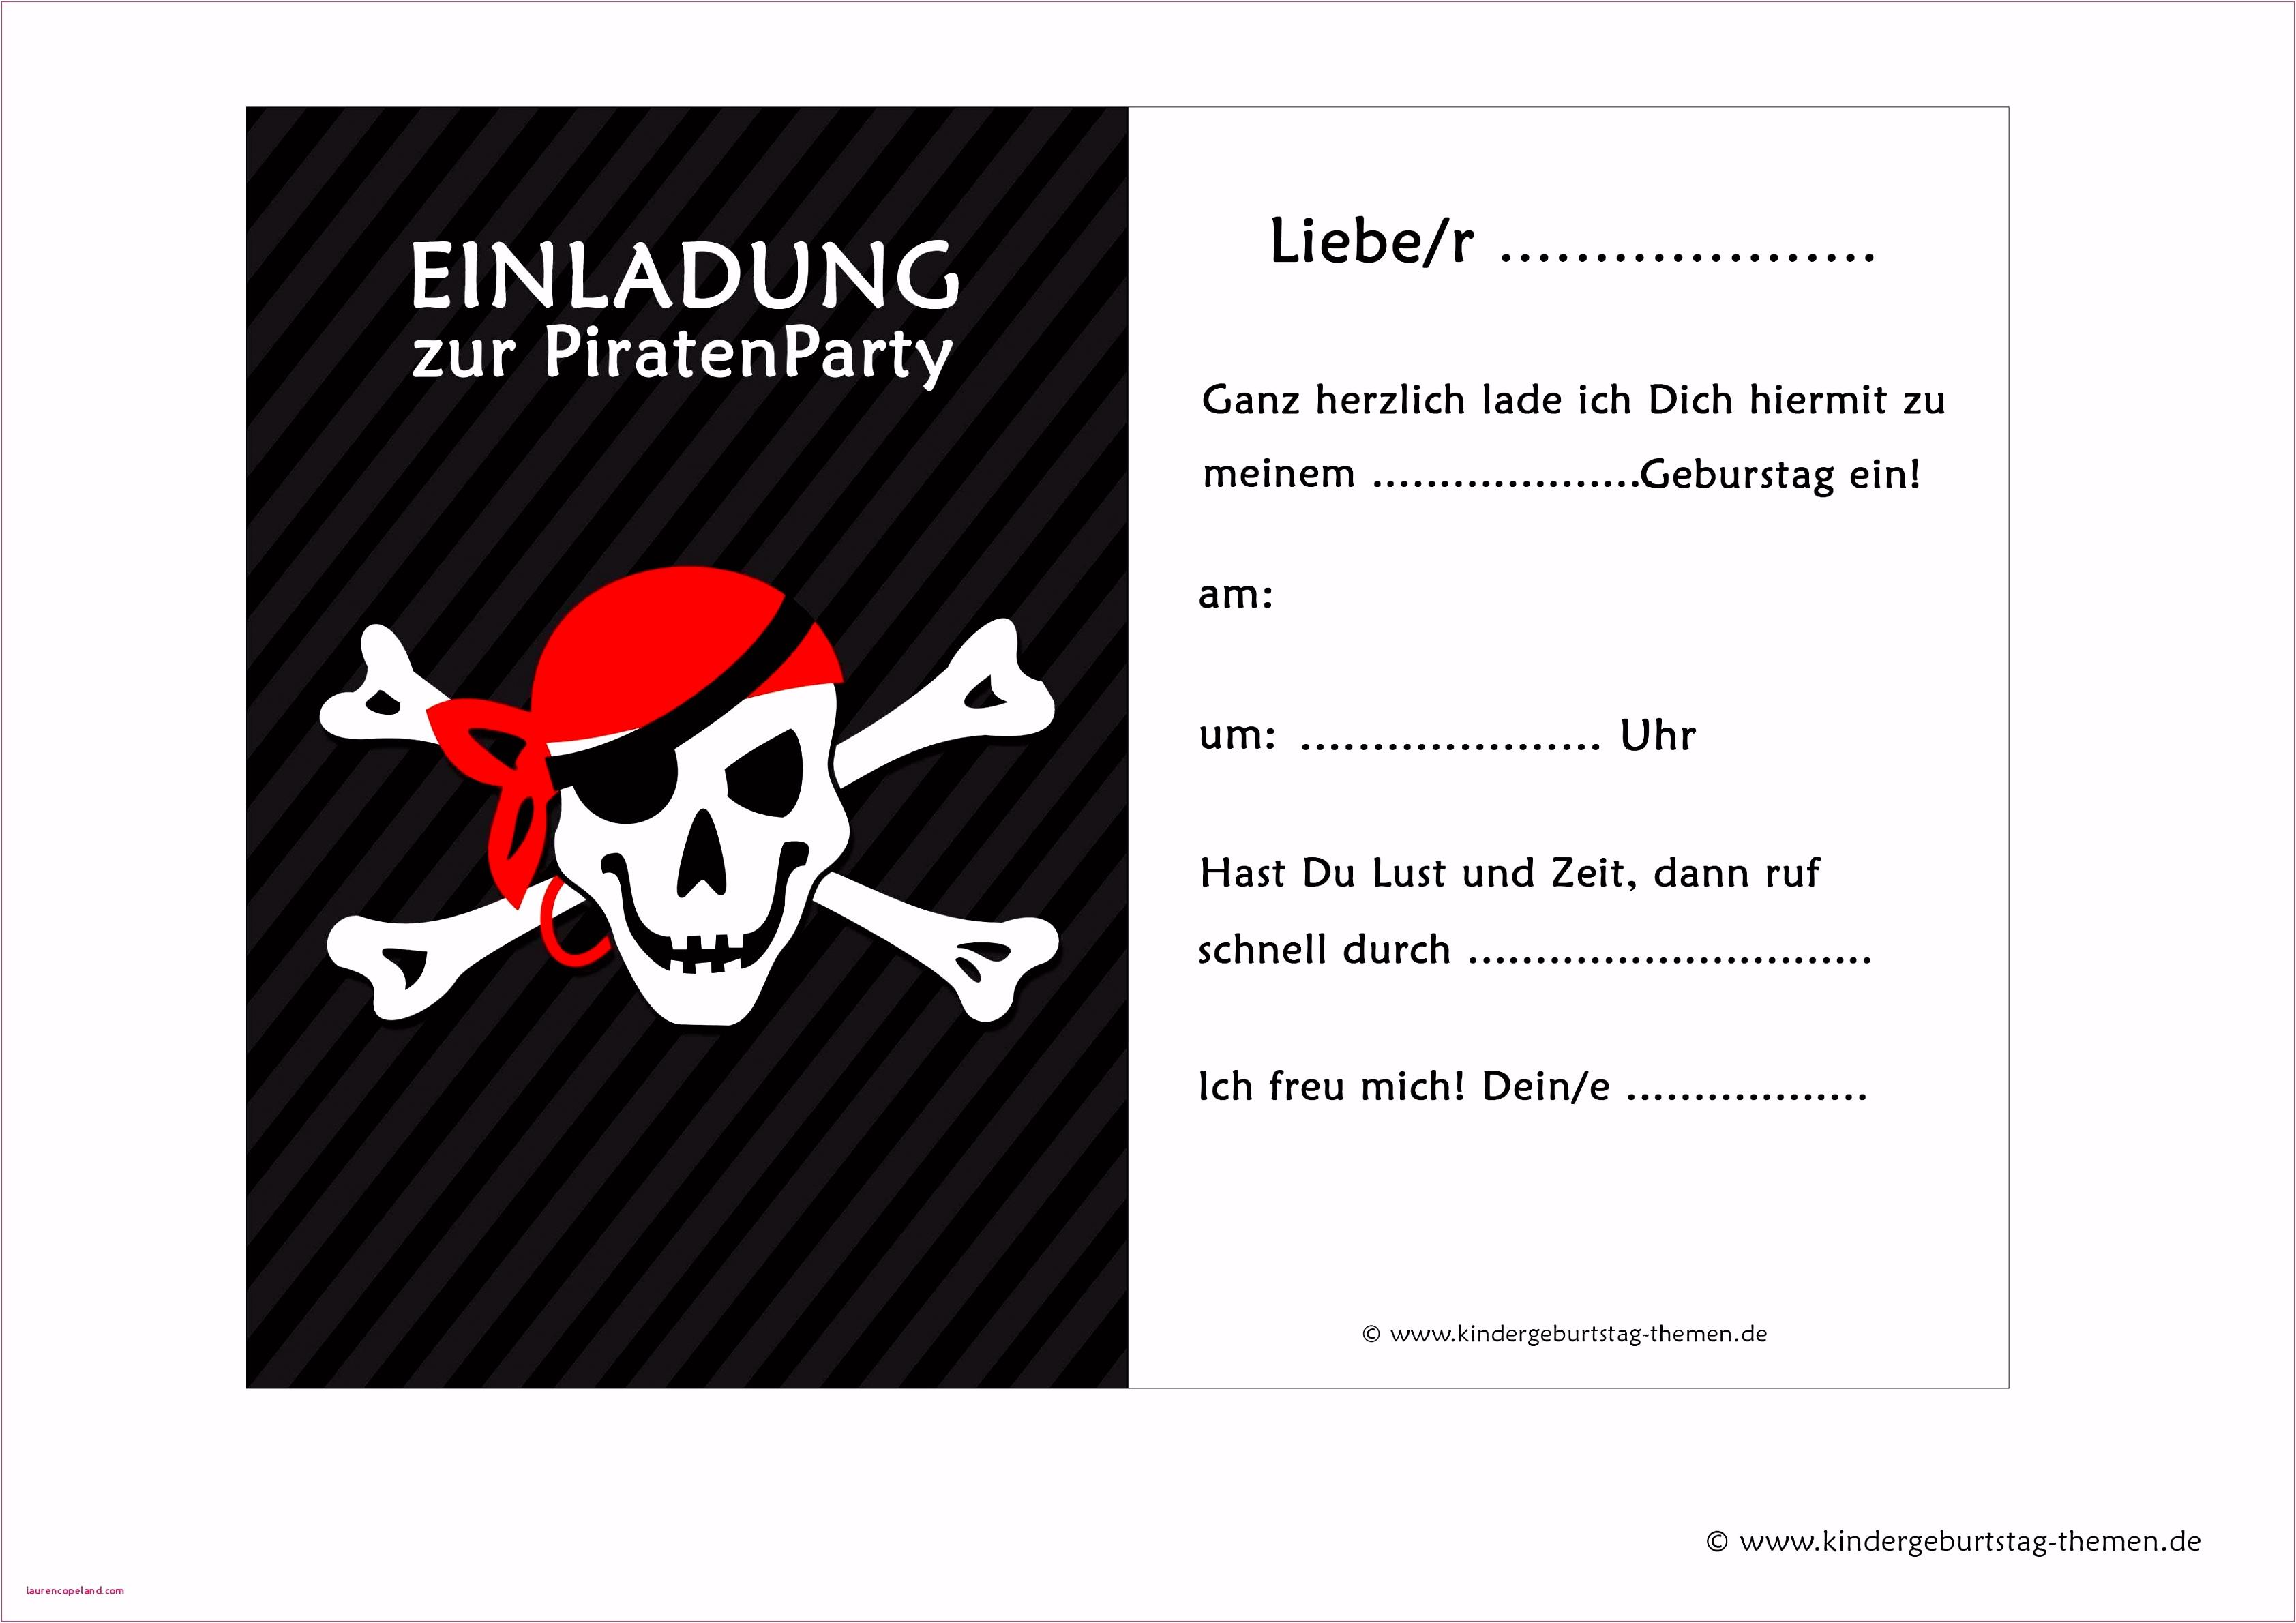 Einhorn Einladung Vorlage Einhorn Vorlage Zum Basteln Karten Gestallten Genial U5qg95ilb1 Emukh2lpnm